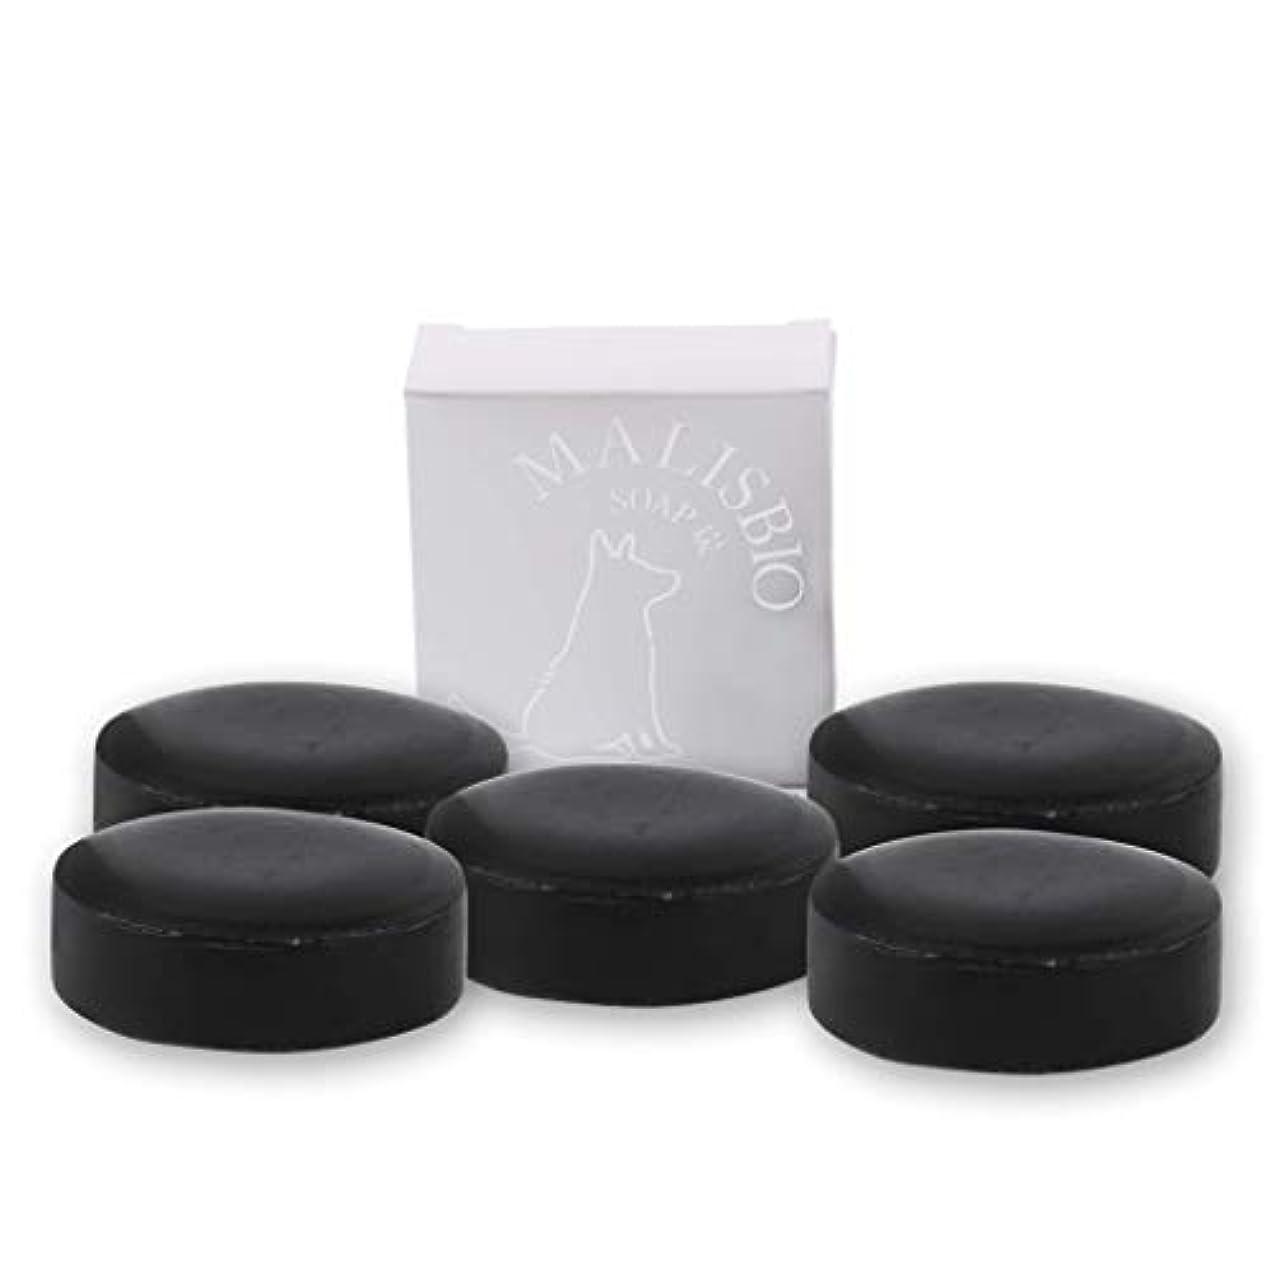 【送料無料】炭石鹸 たっぷりお得な100g × 5個 においを忘れる! 男のデオドラント 固形 炭ソープ メンズ マリスビオ 5個組